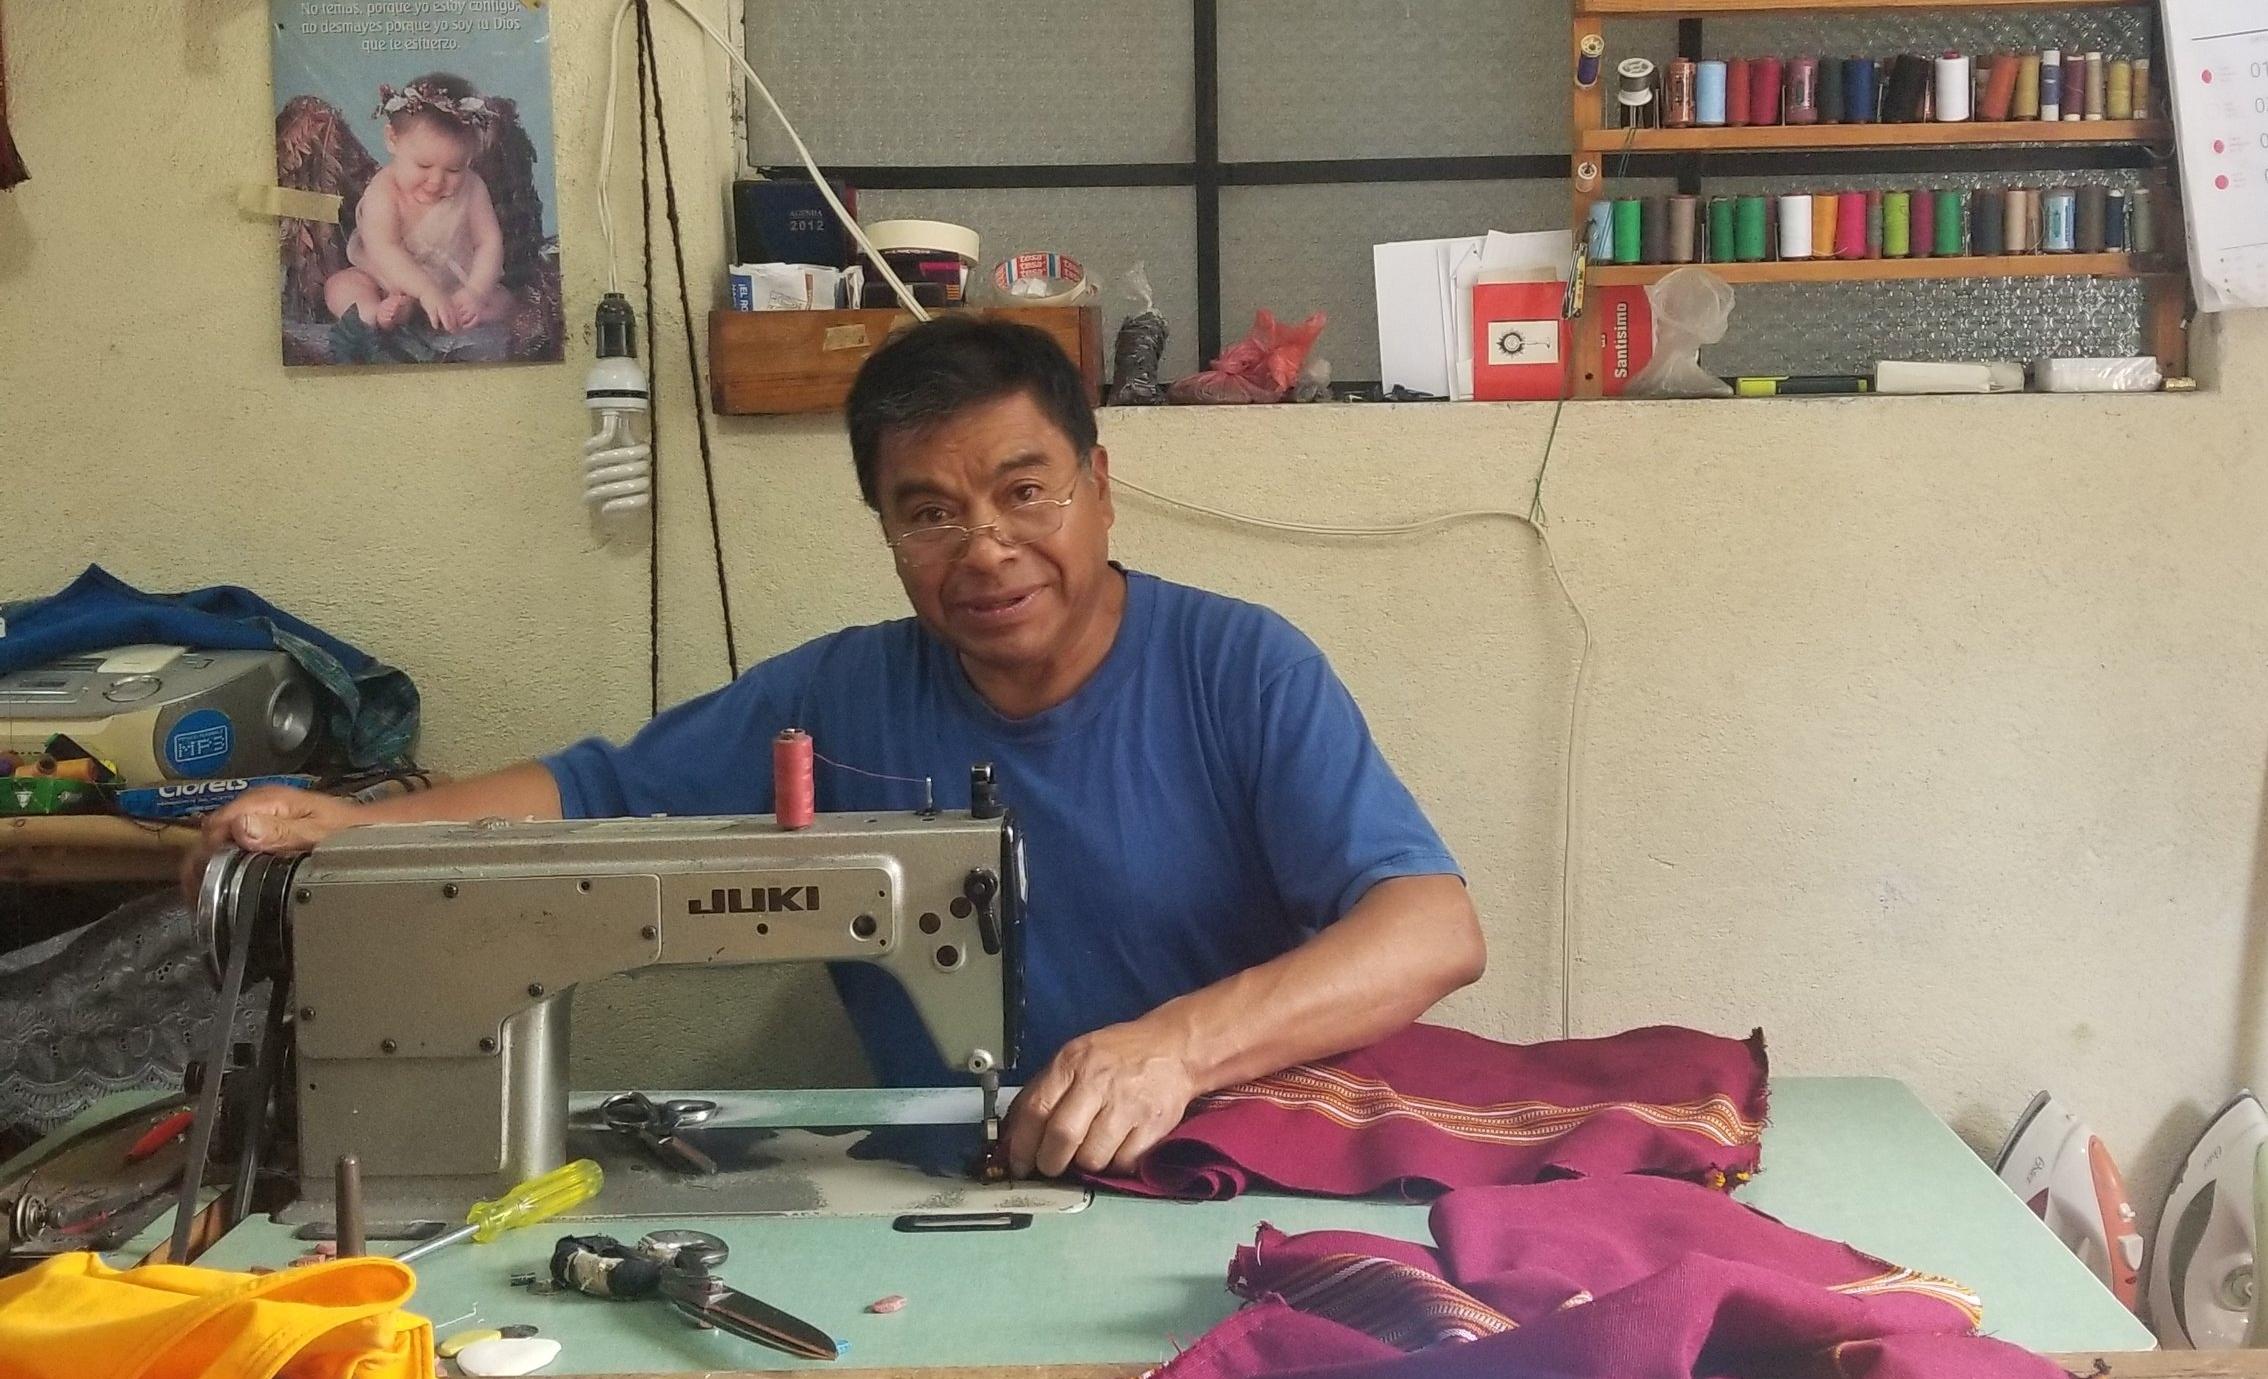 Gerardo, Woven Tailor